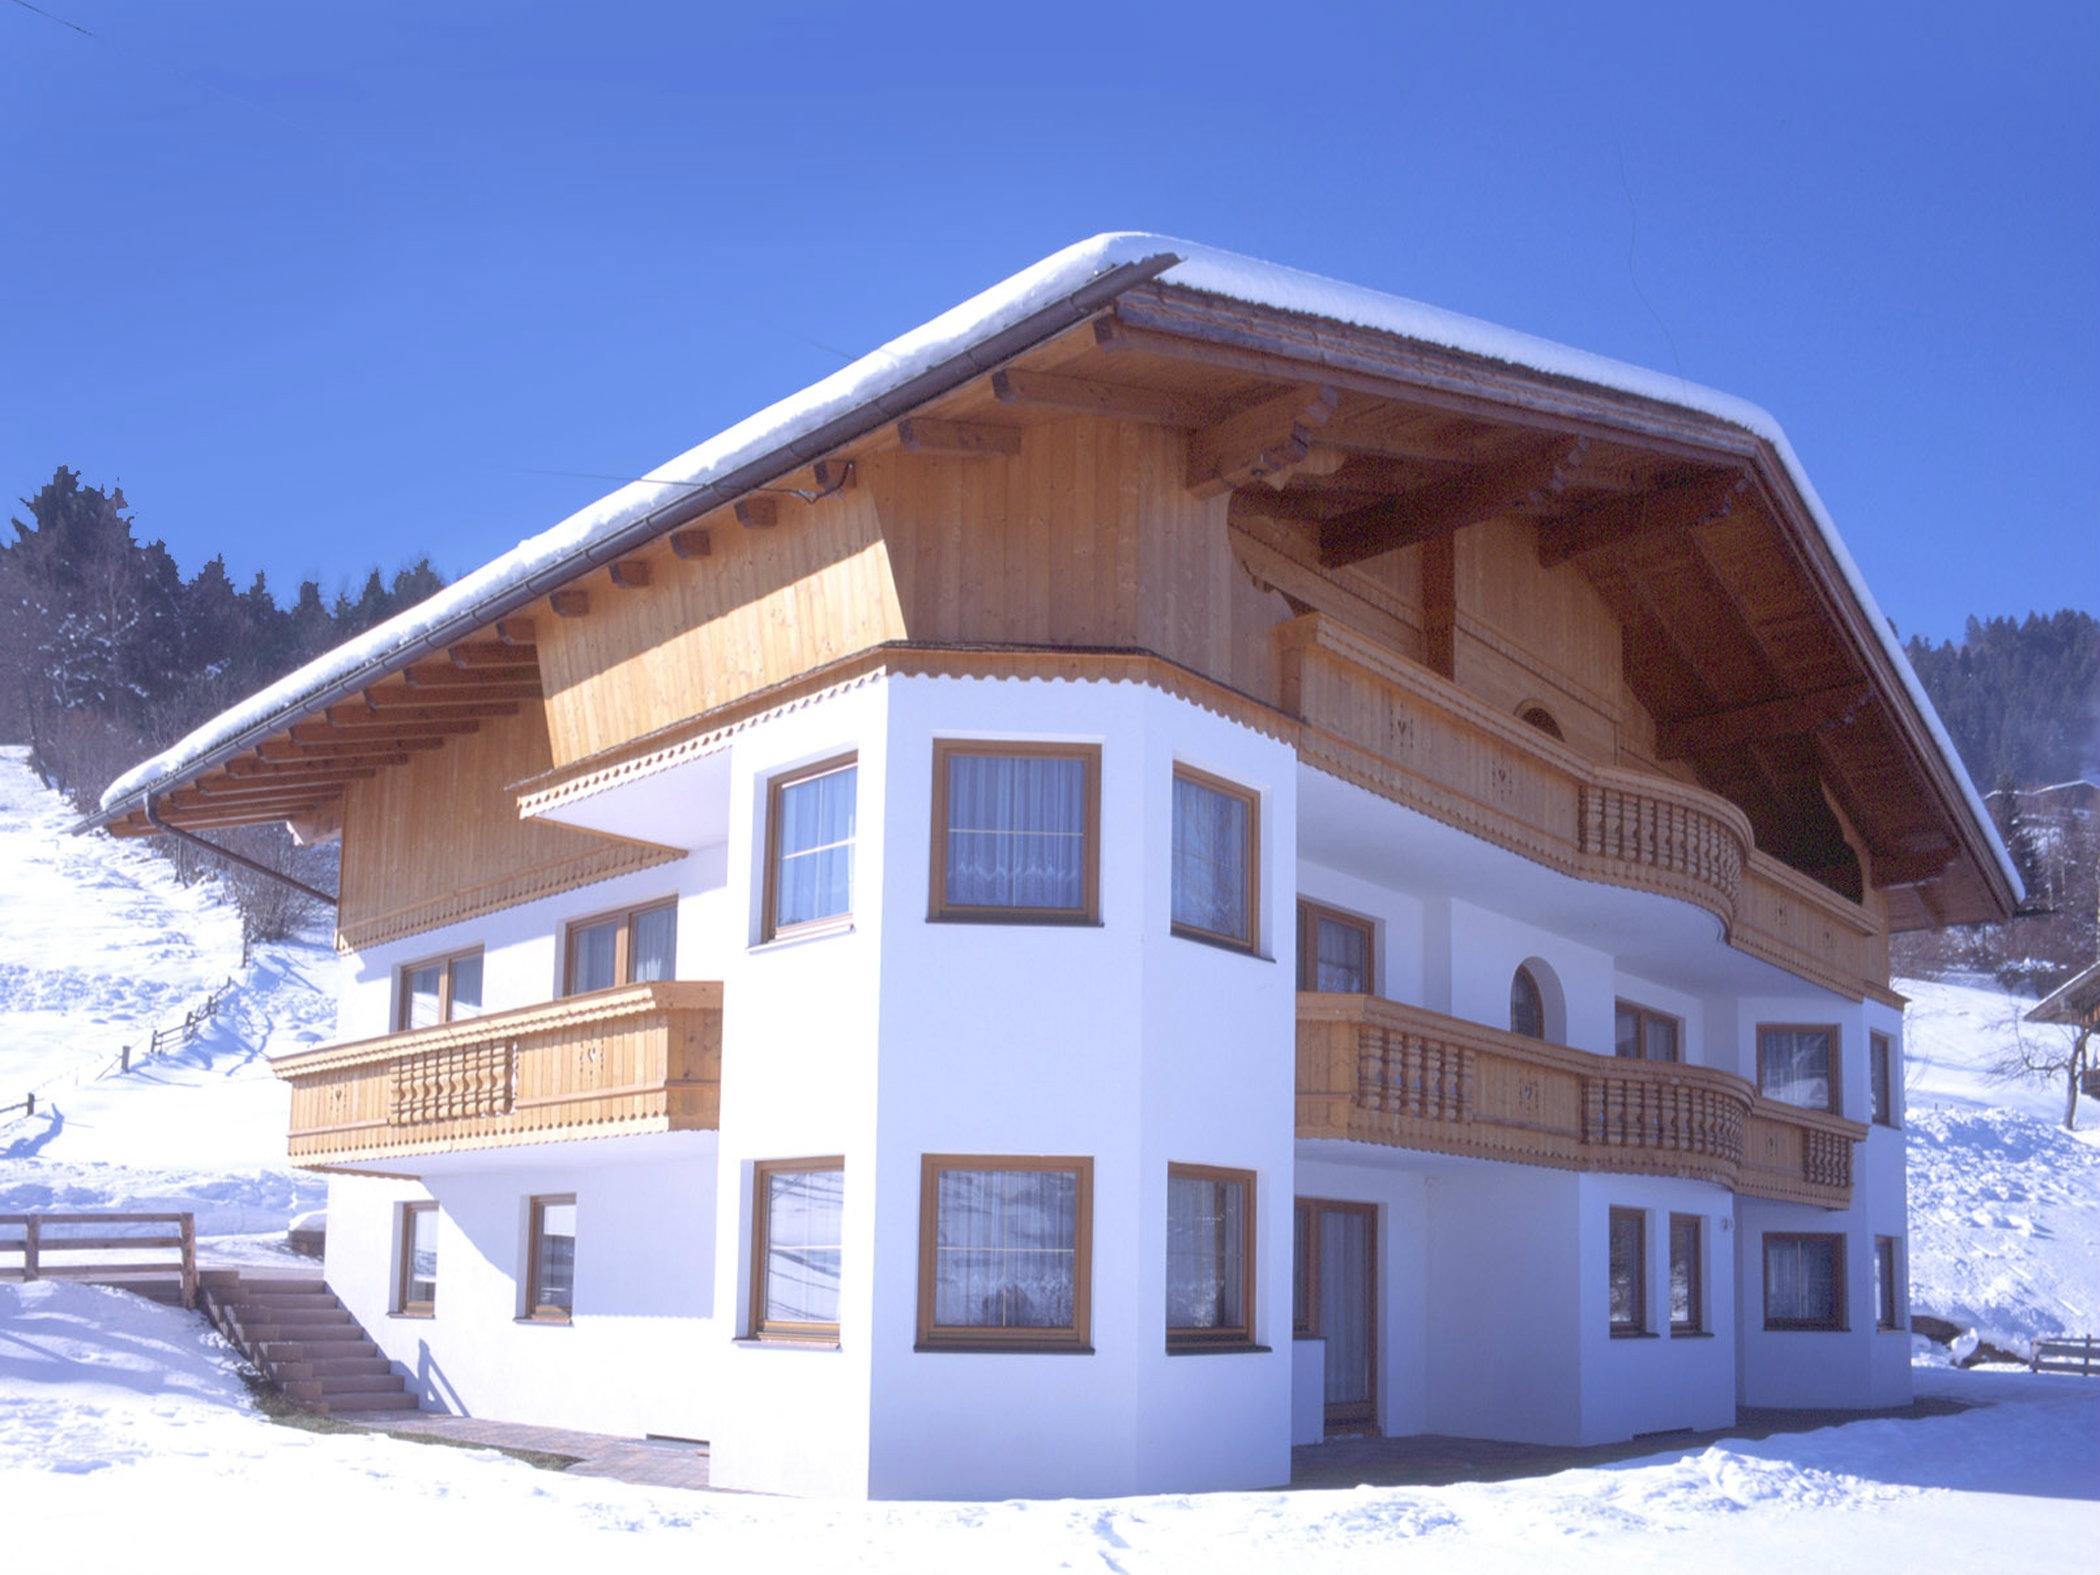 Appartement Wolfgang - 2-4 personen